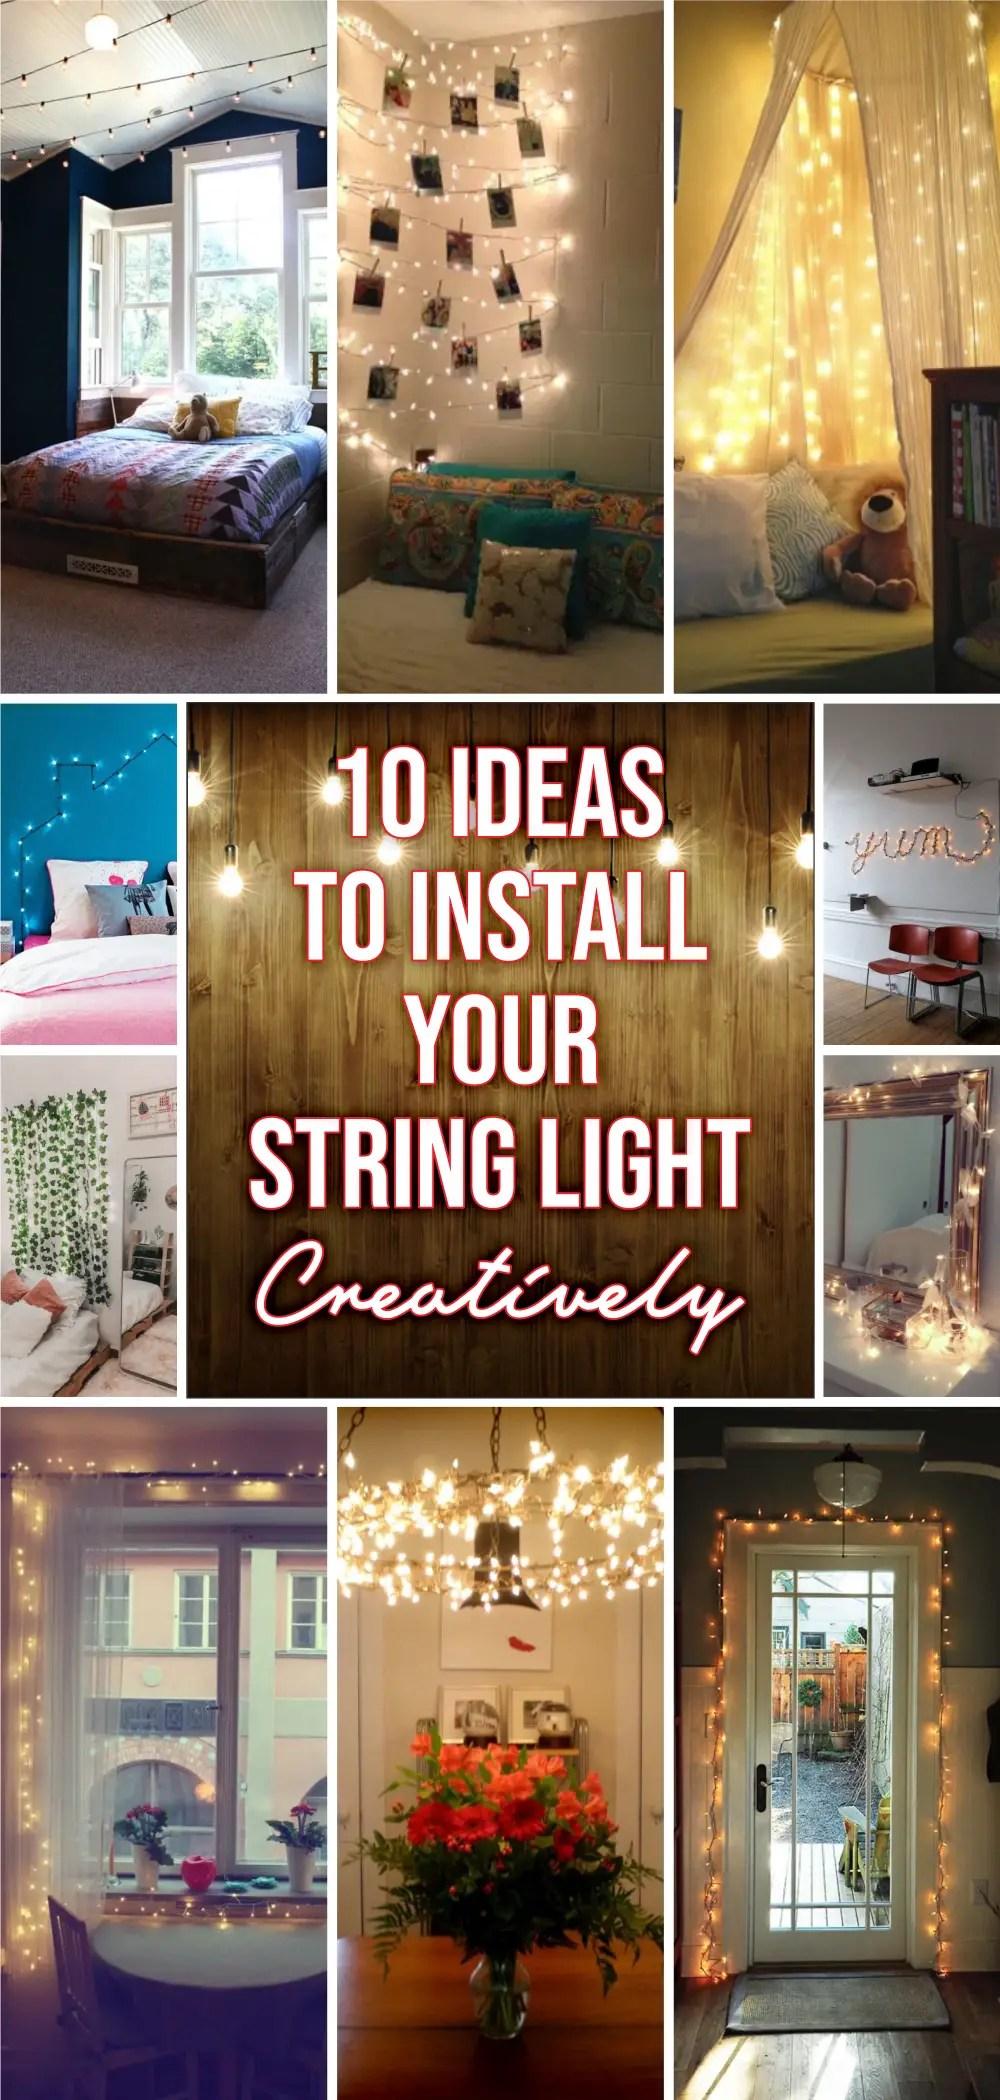 10-idee-per-installare-la-tua-luce-creativa-1